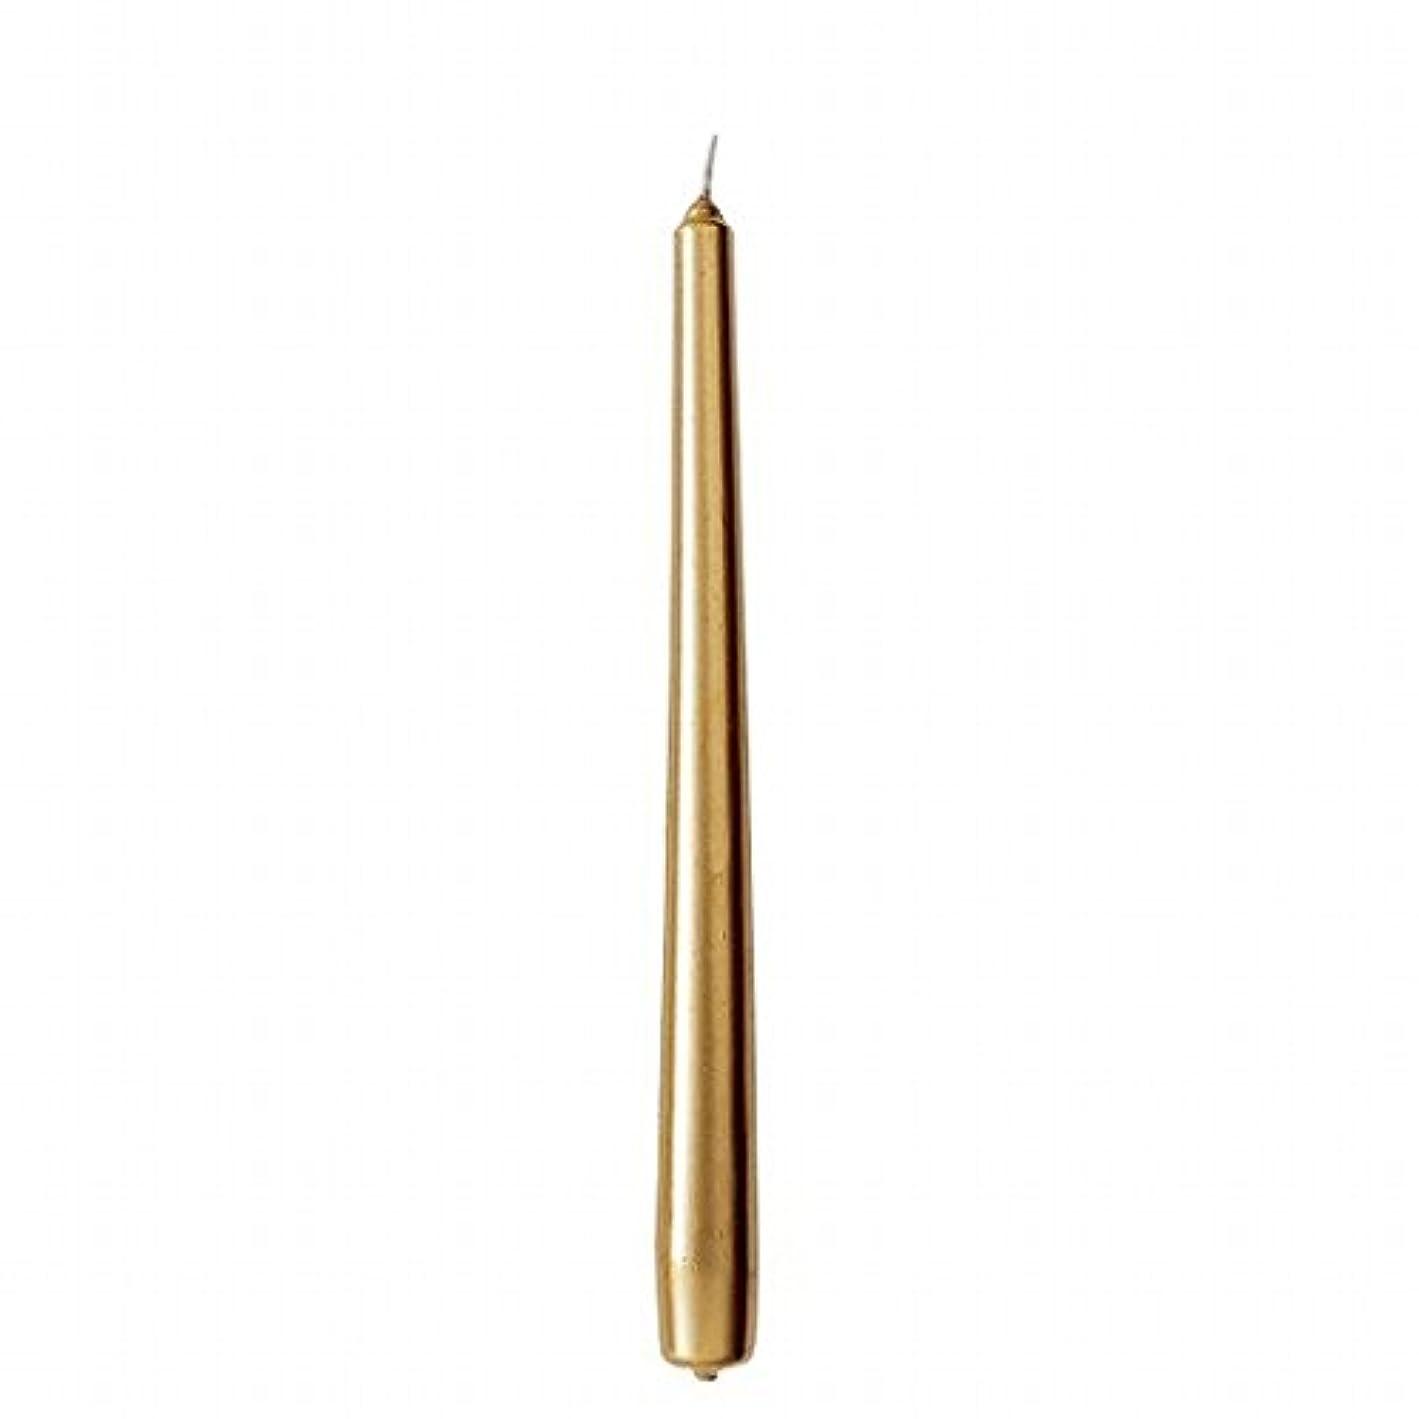 登録する予測製油所カメヤマキャンドル(kameyama candle) 10インチテーパー 「 ゴールド 」 12本入り